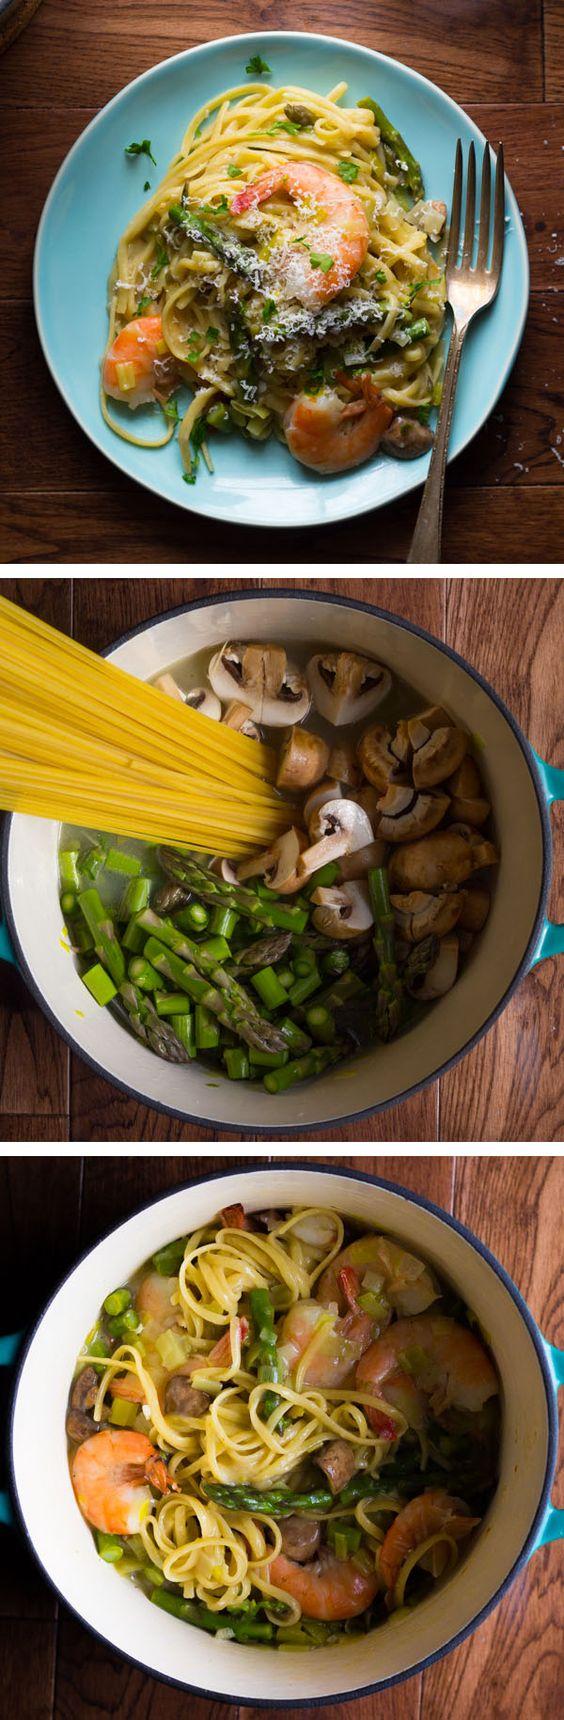 One-Pot Shrimp Linguine with Spring Vegetables Recipe Shrimp